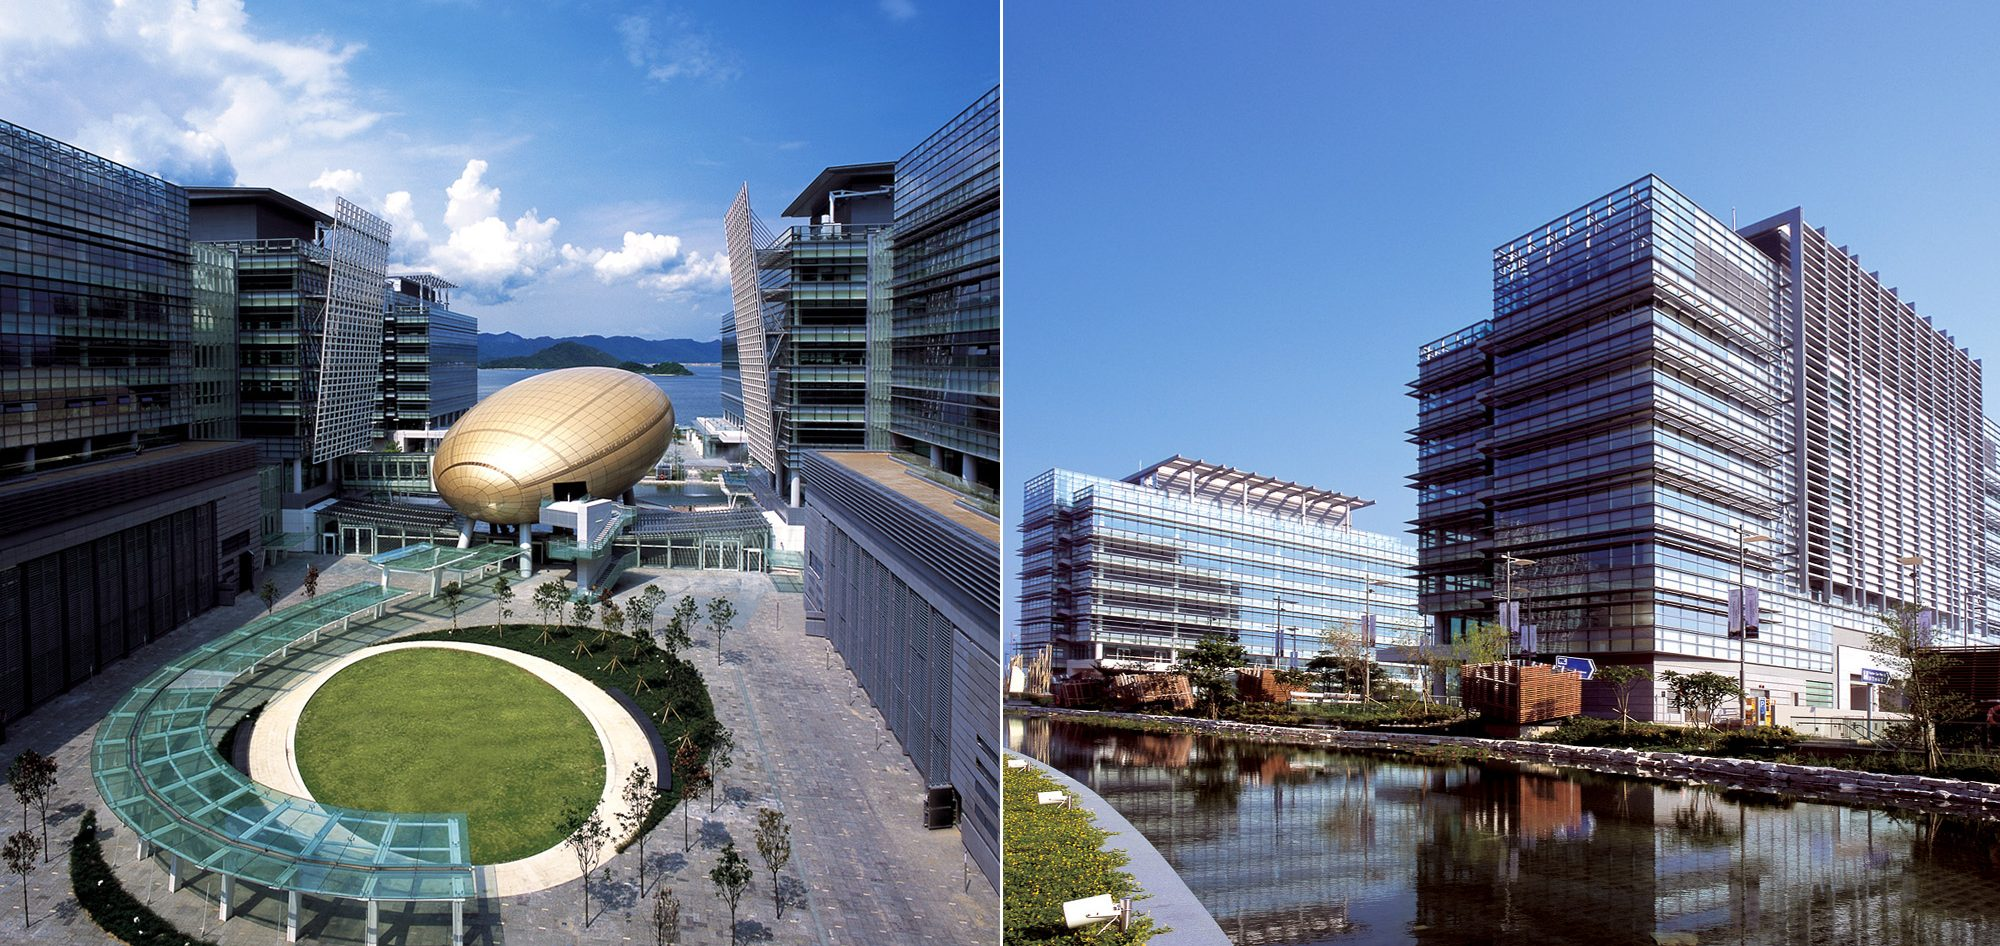 Hong Kong Science Park Phase II